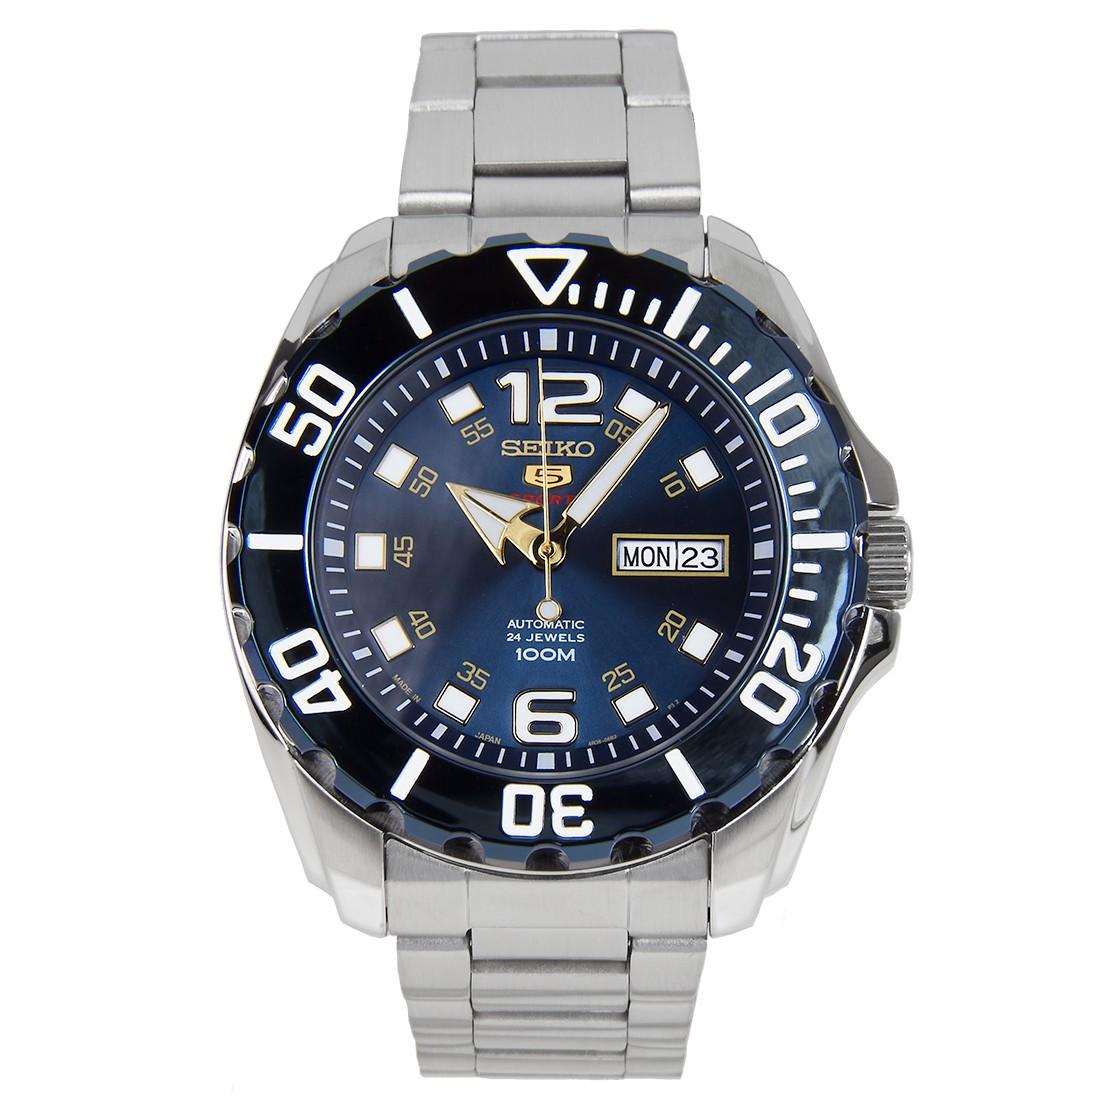 นาฬิกาผู้ชาย Seiko รุ่น SRPB37J1, Seiko 5 Sports Automatic Japan